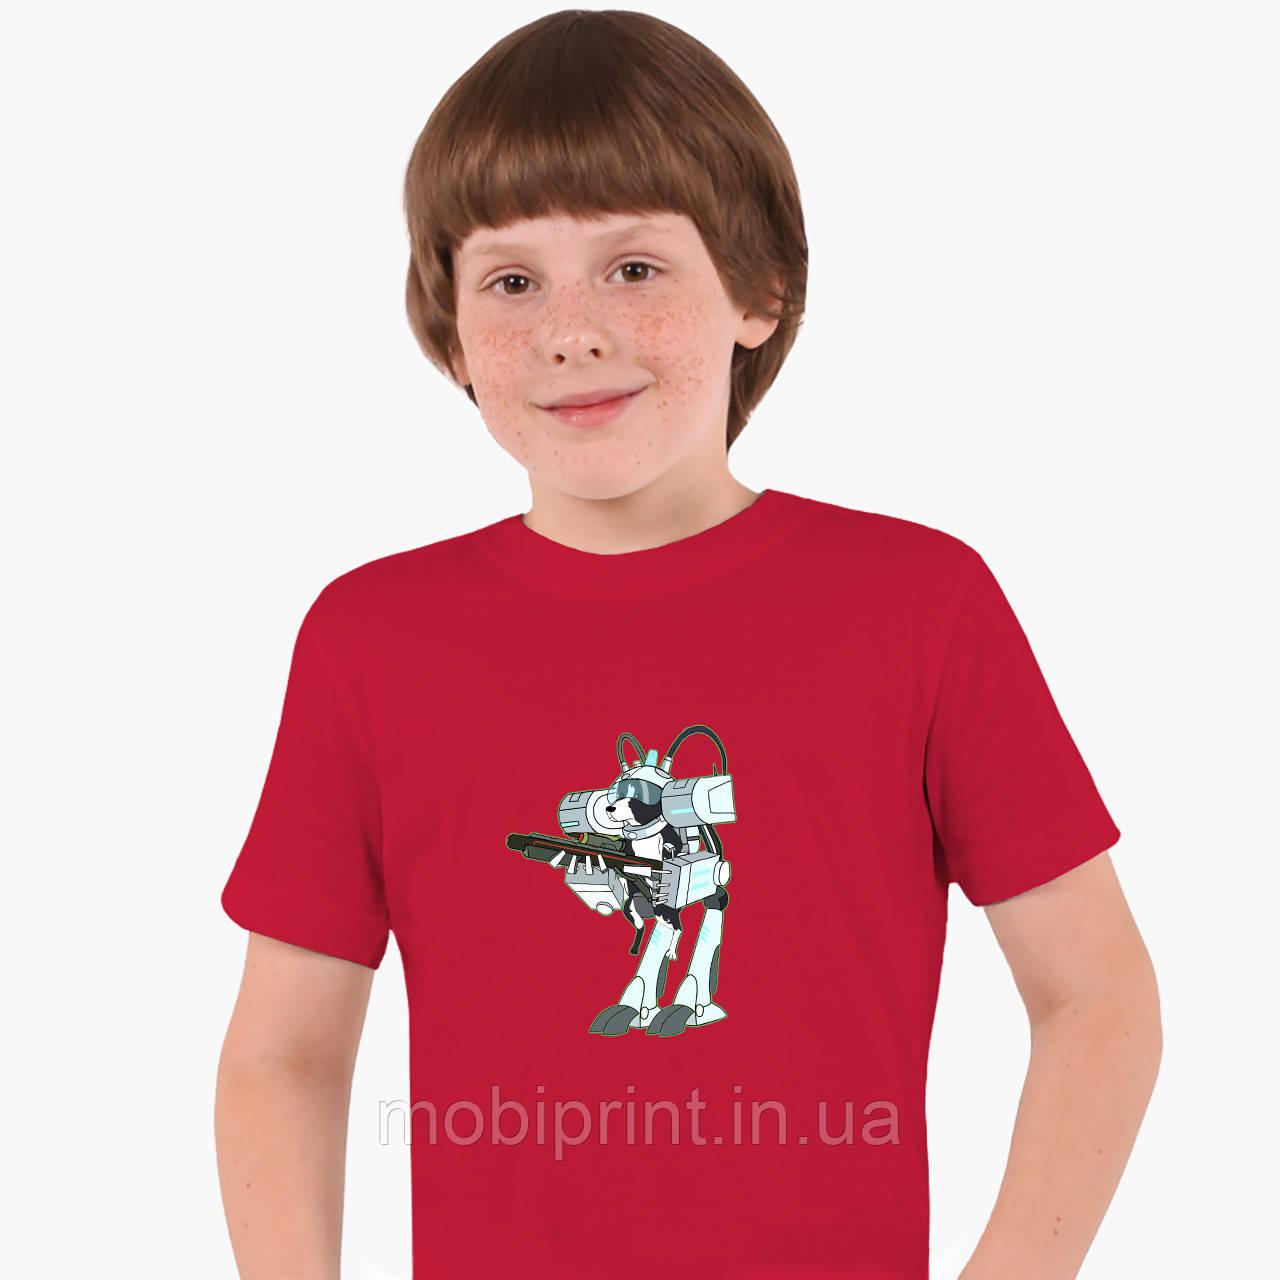 Детская футболка для мальчиков Рик и Морти (Rick and Morty) (25186-1239) Красный